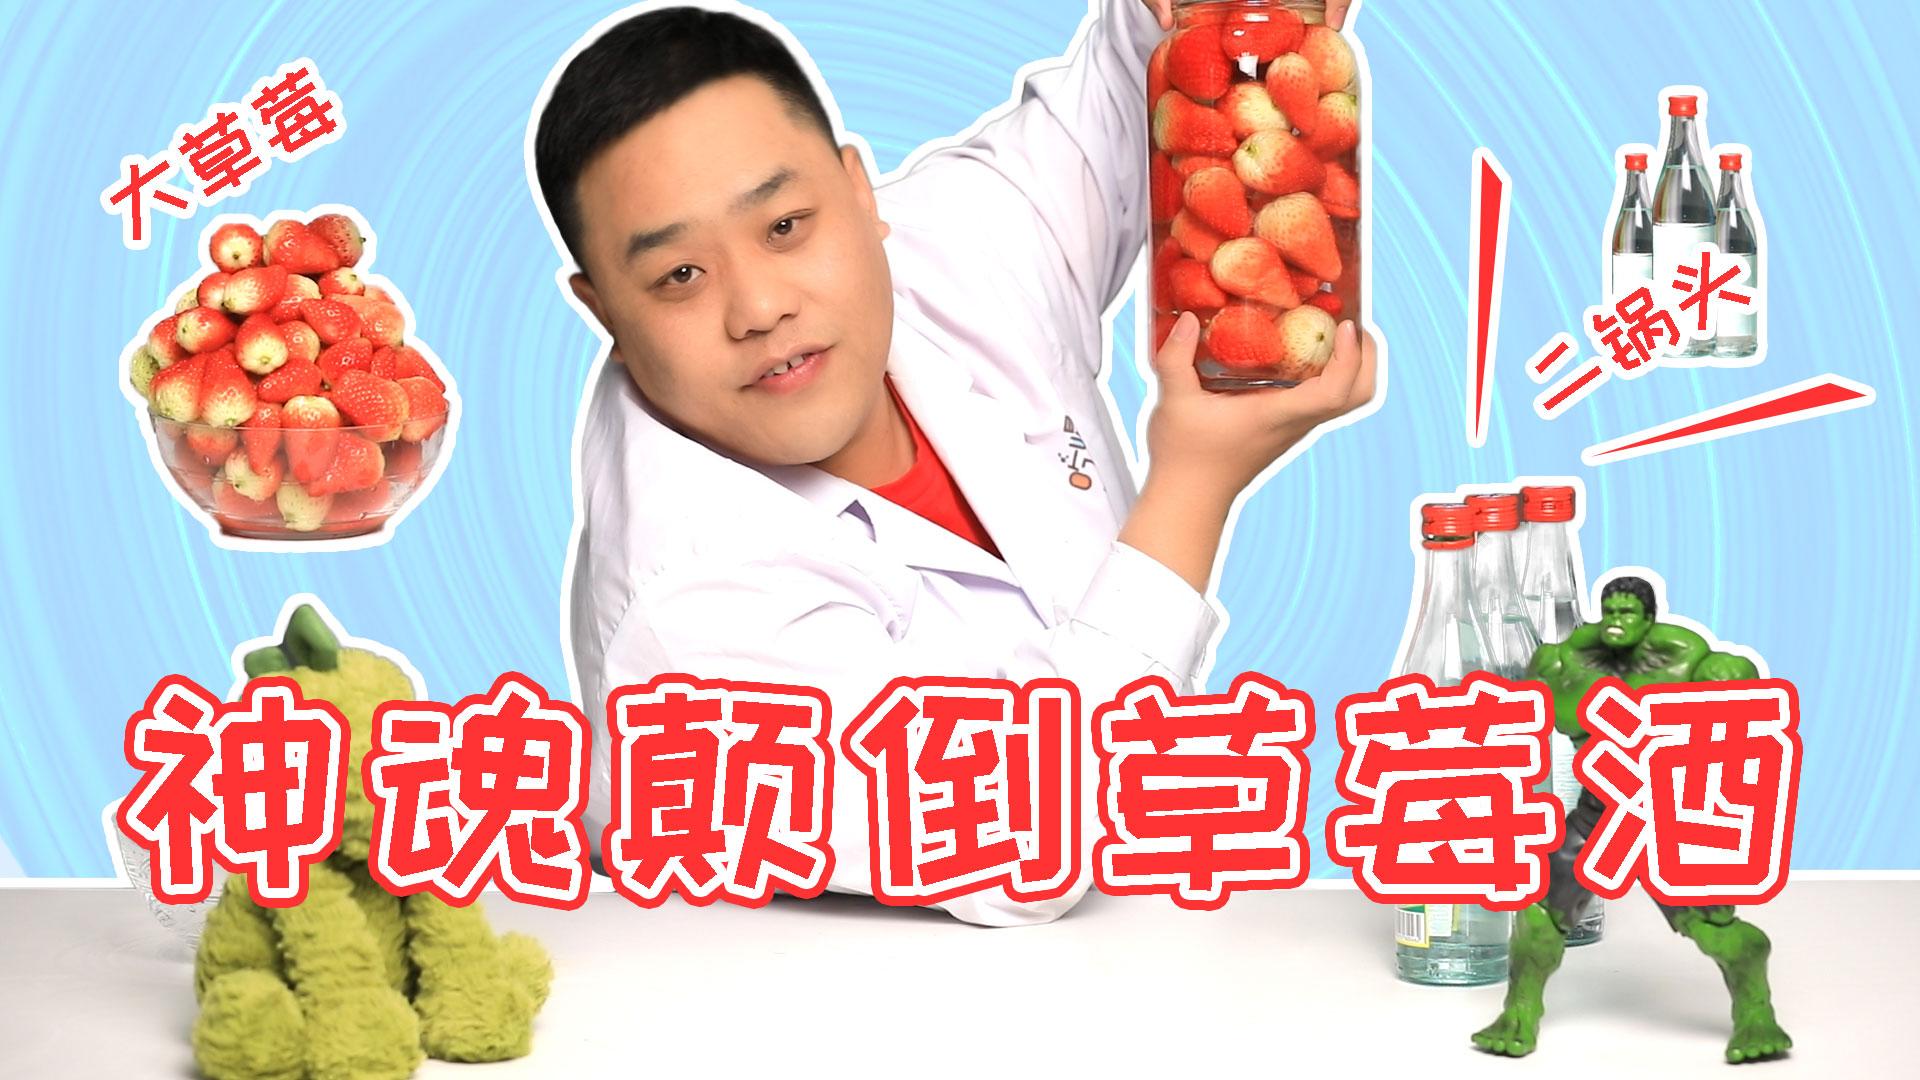 自制草莓酒,听说喝完就能让人神魂颠倒